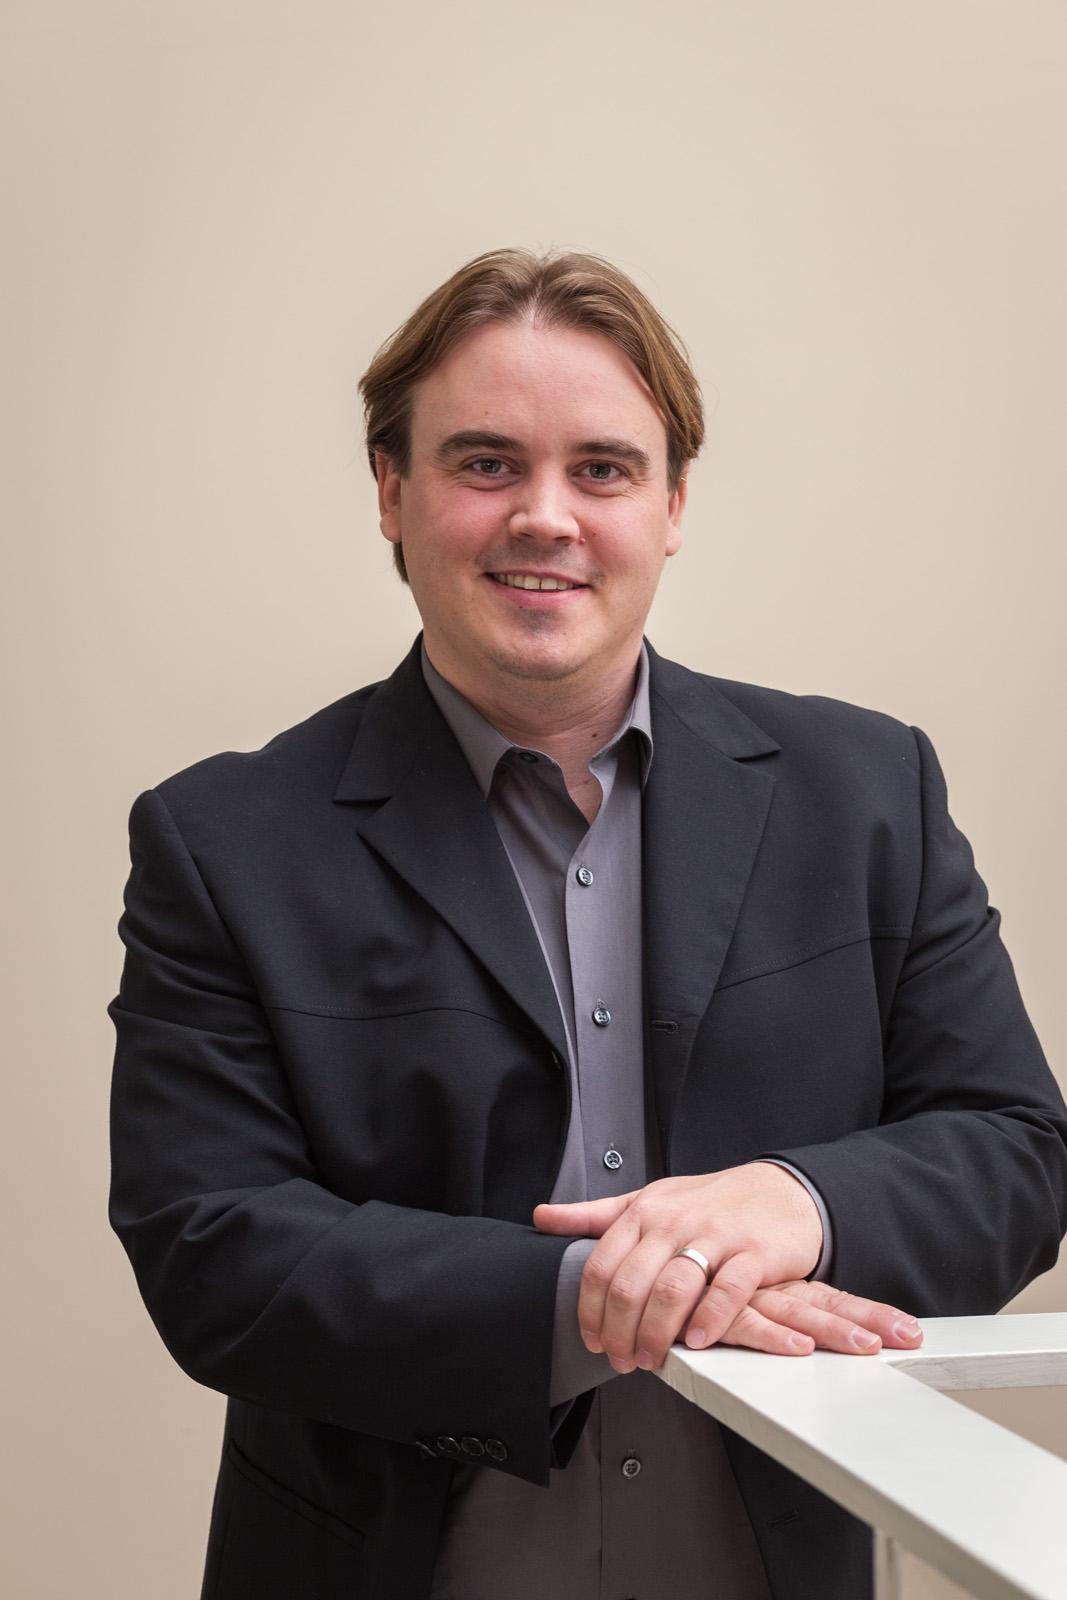 Jason Jewhurst